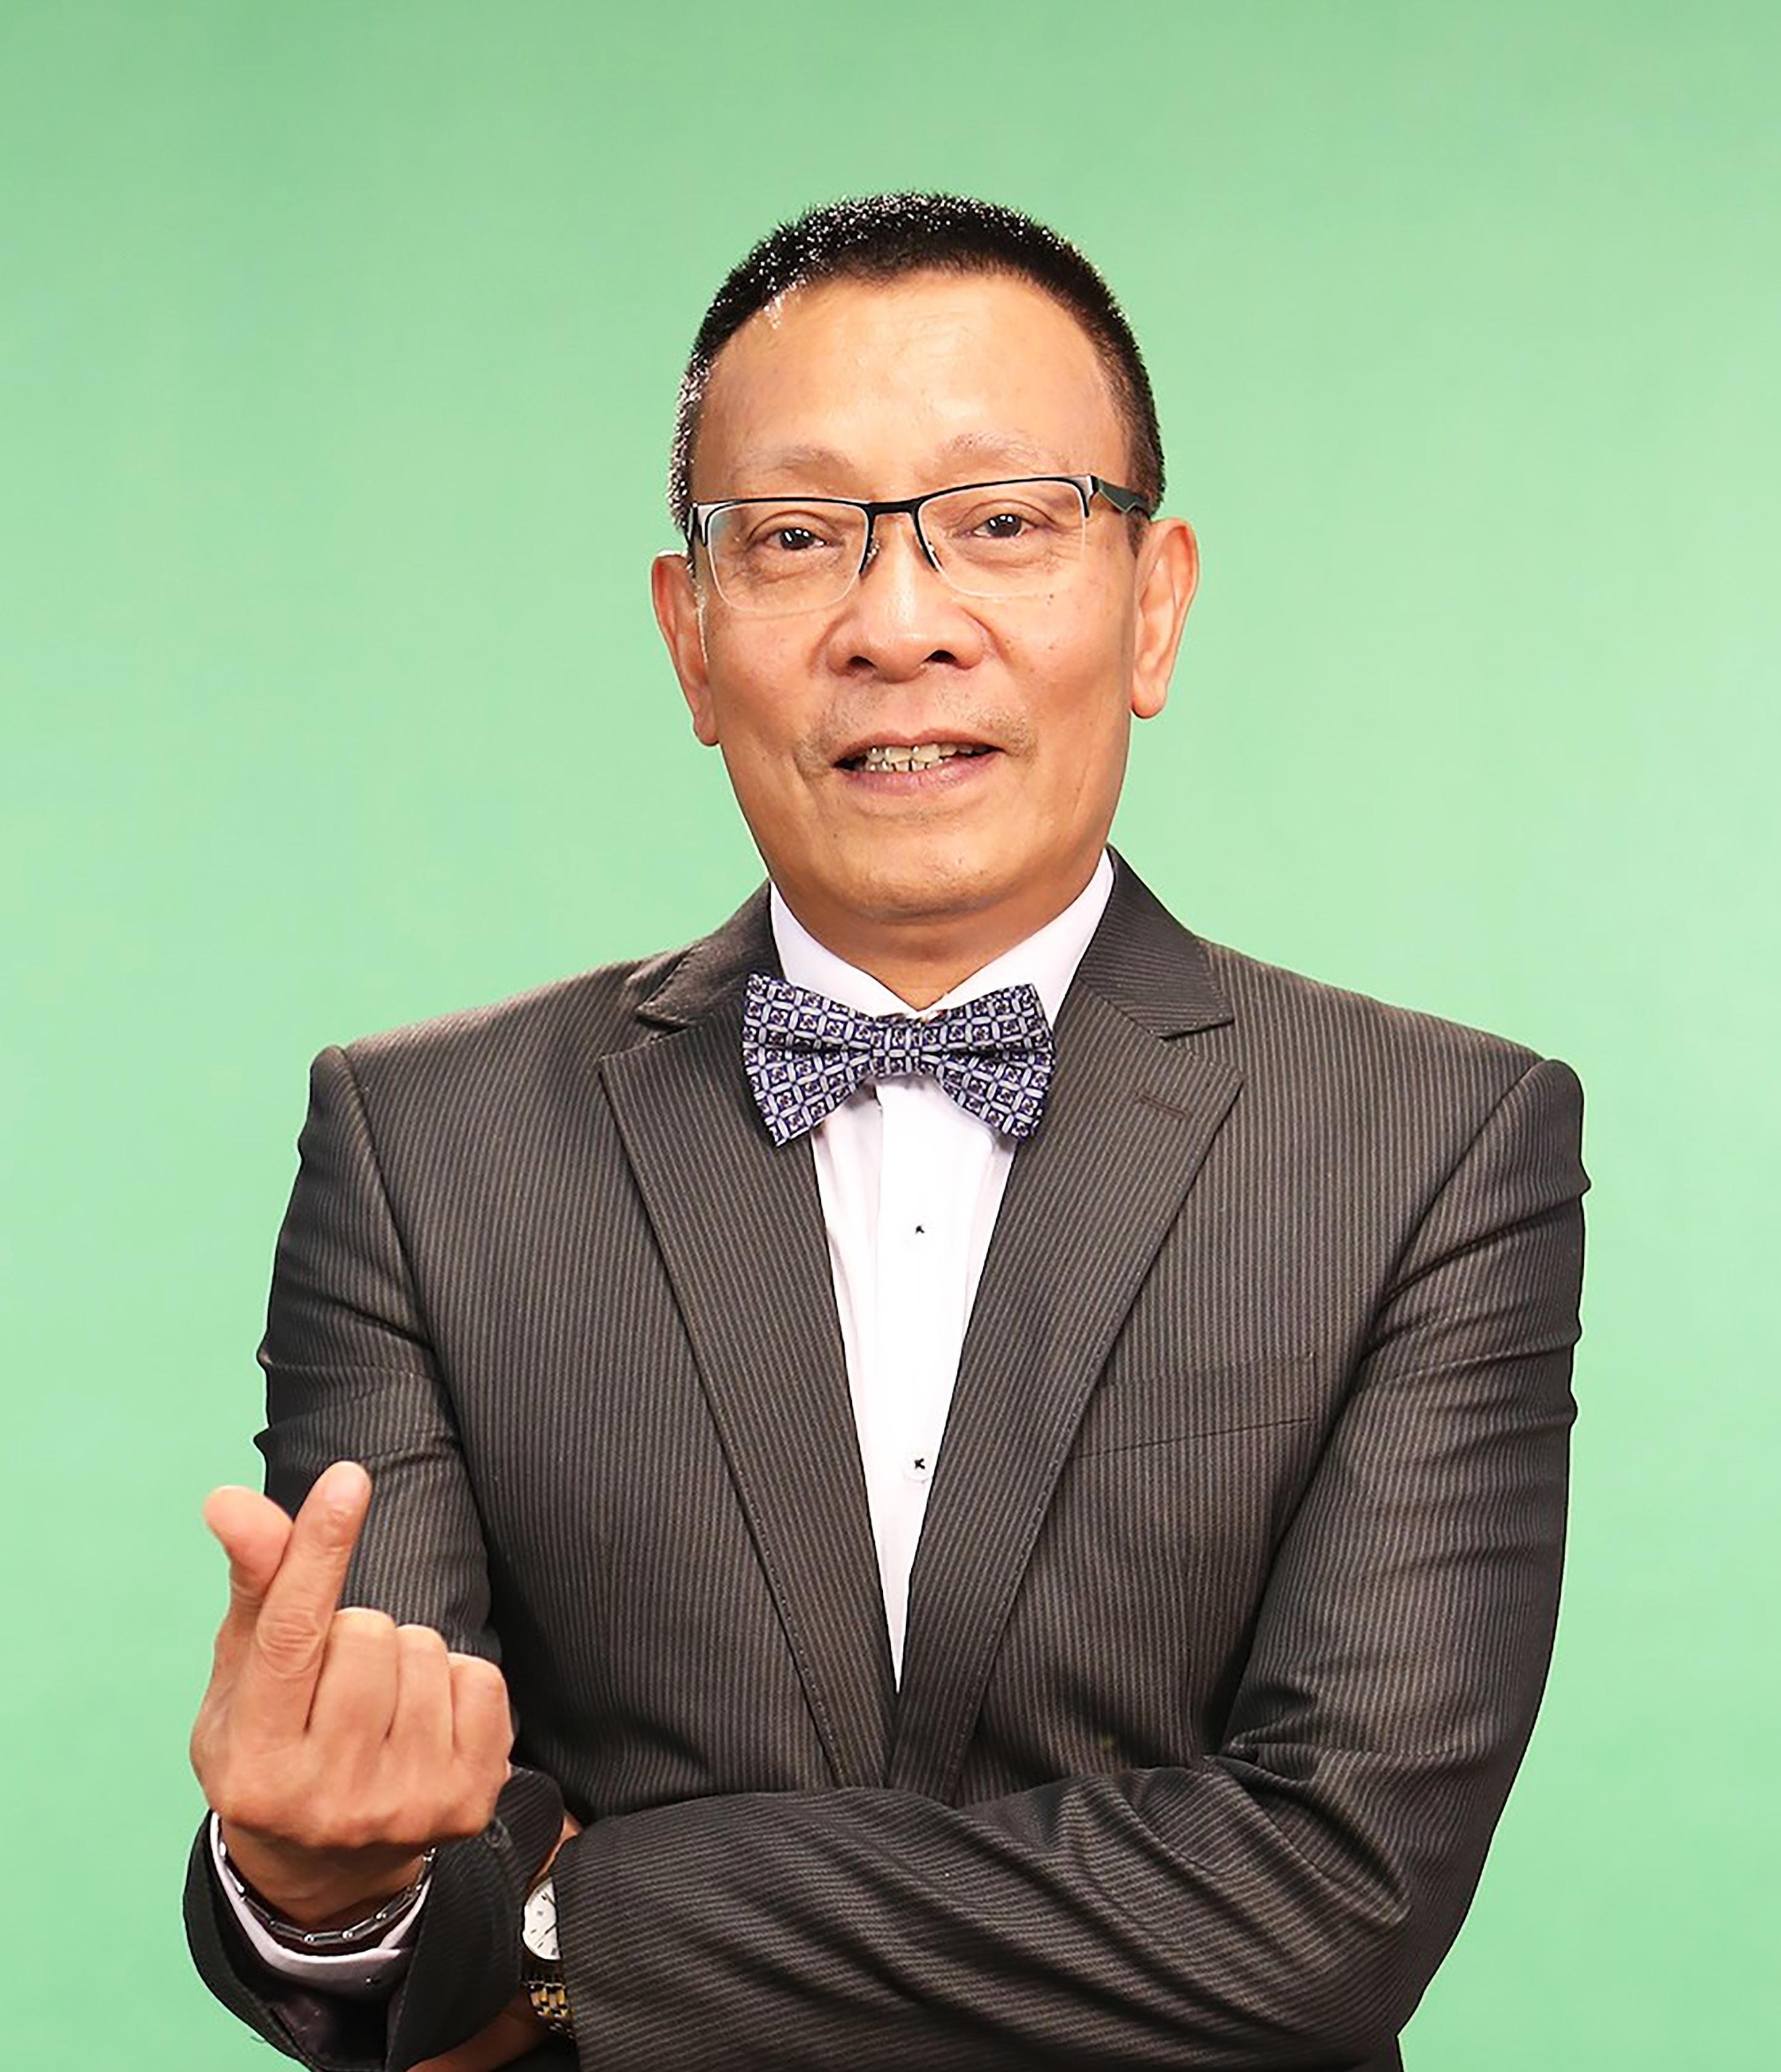 MC Lại Văn Sâm 'đối đầu' 6 sếp lớn tronggameshow lần đầu xuất hiện tại VN - 1